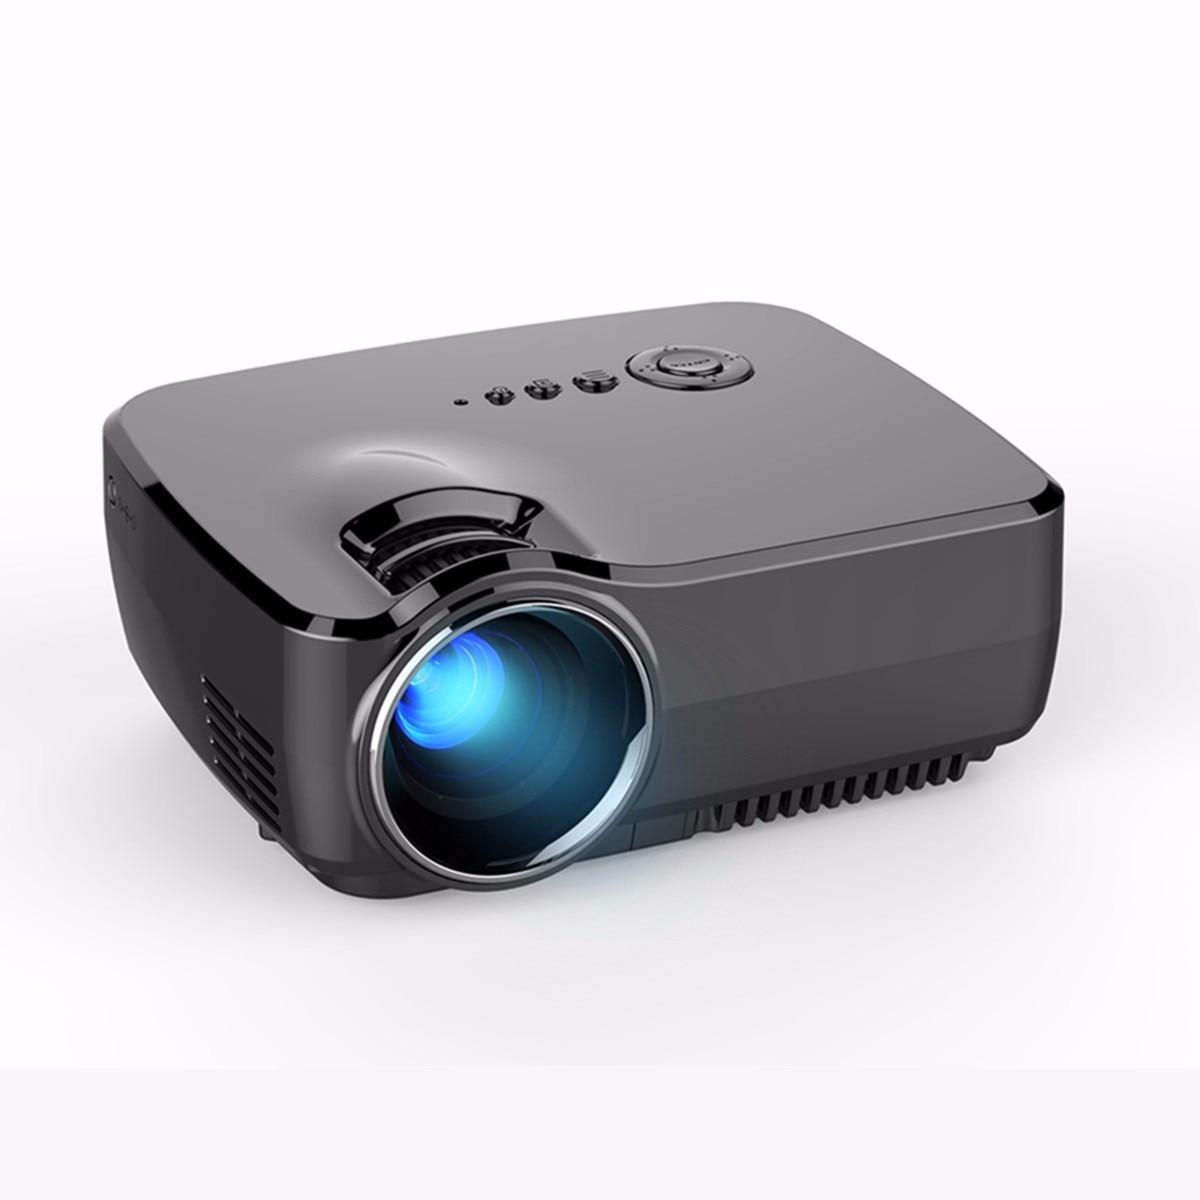 Projecteur vidéo portatif de HD 1080P LED Mini projecteurs 1200LM faisceau vidéo de cinéma maison 4K pour les Smartphones de jeux vidéo de cinéma maison